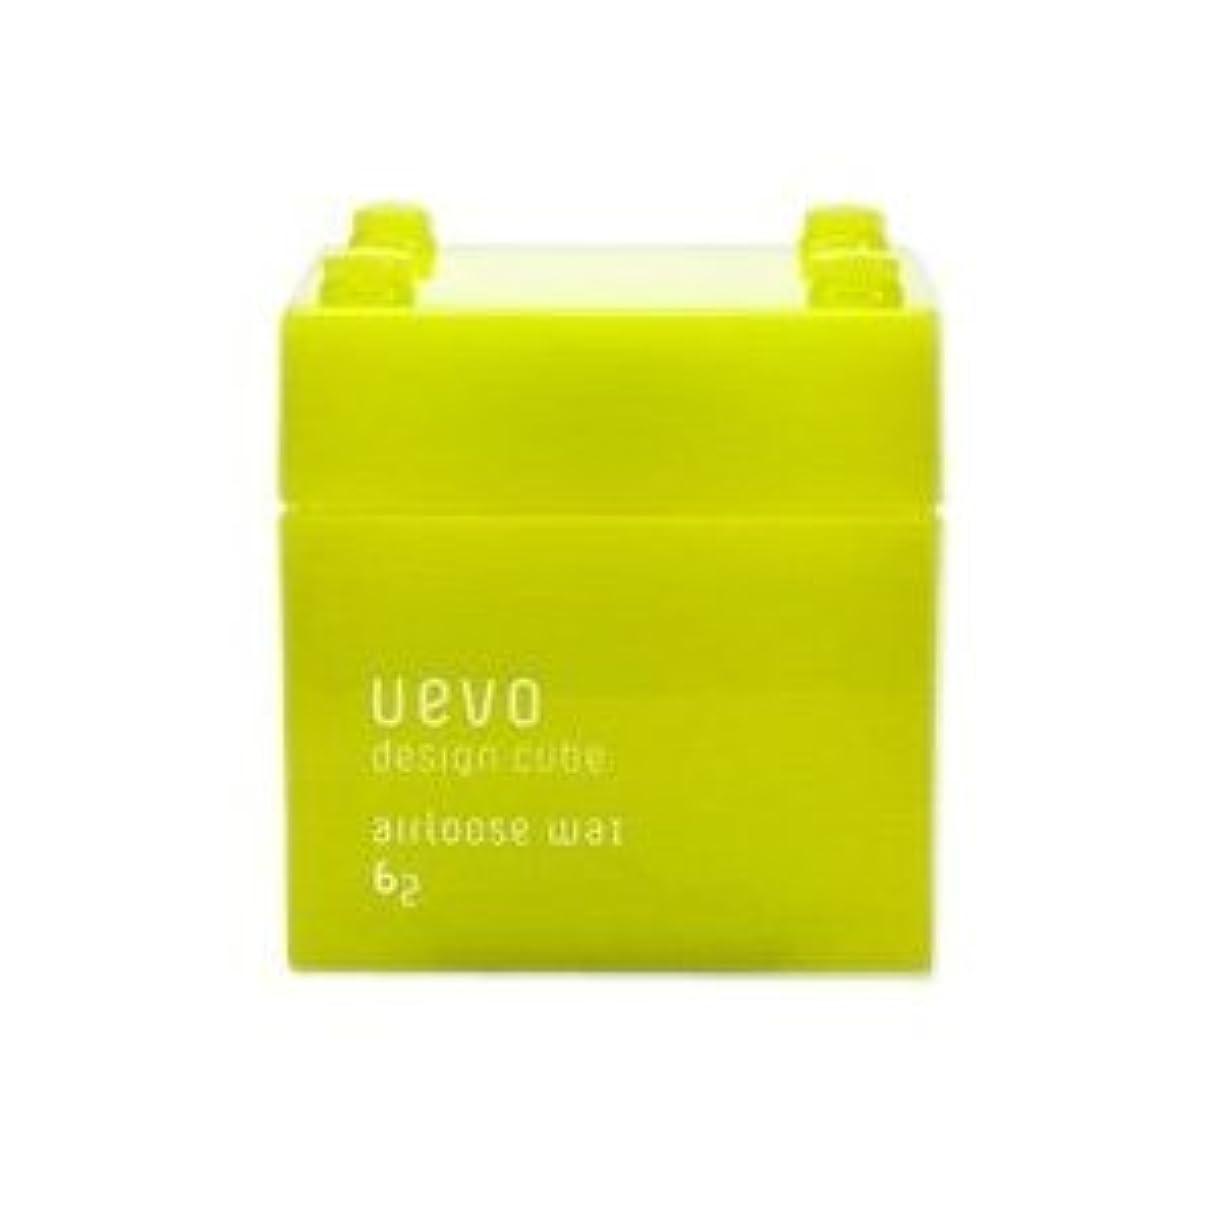 熱望する廊下対称【X3個セット】 デミ ウェーボ デザインキューブ エアルーズワックス 80g airloose wax DEMI uevo design cube